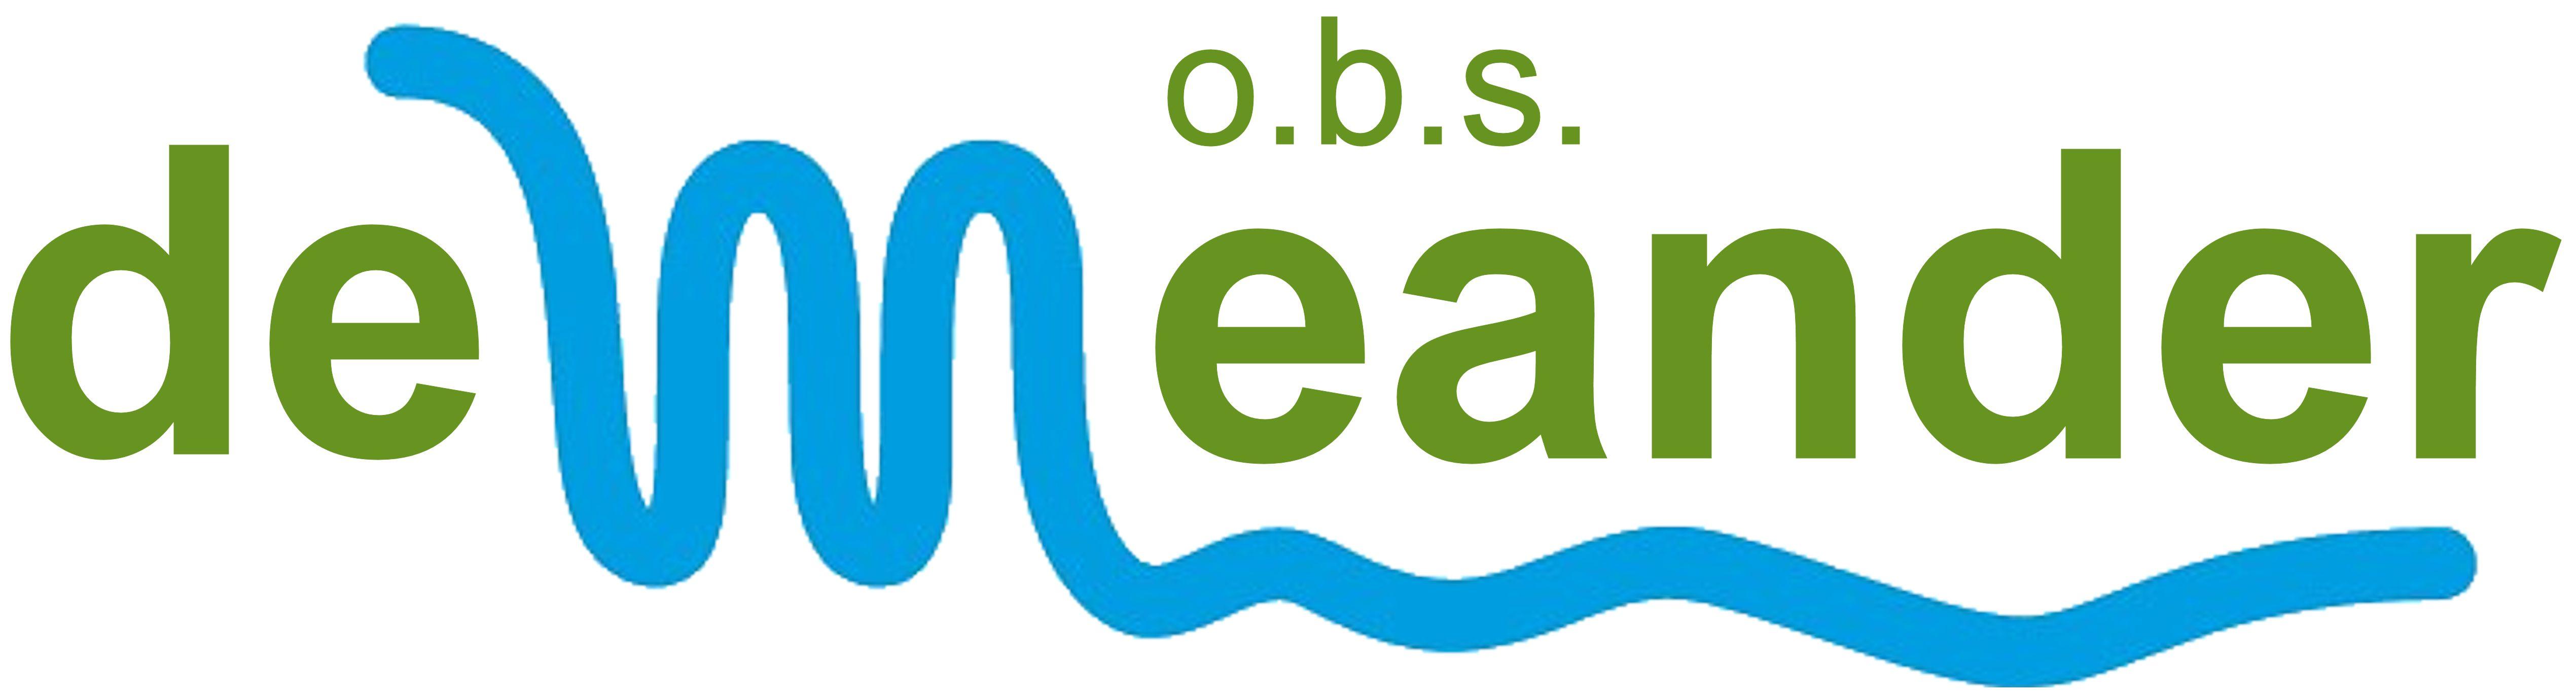 o.b.s. de Meander